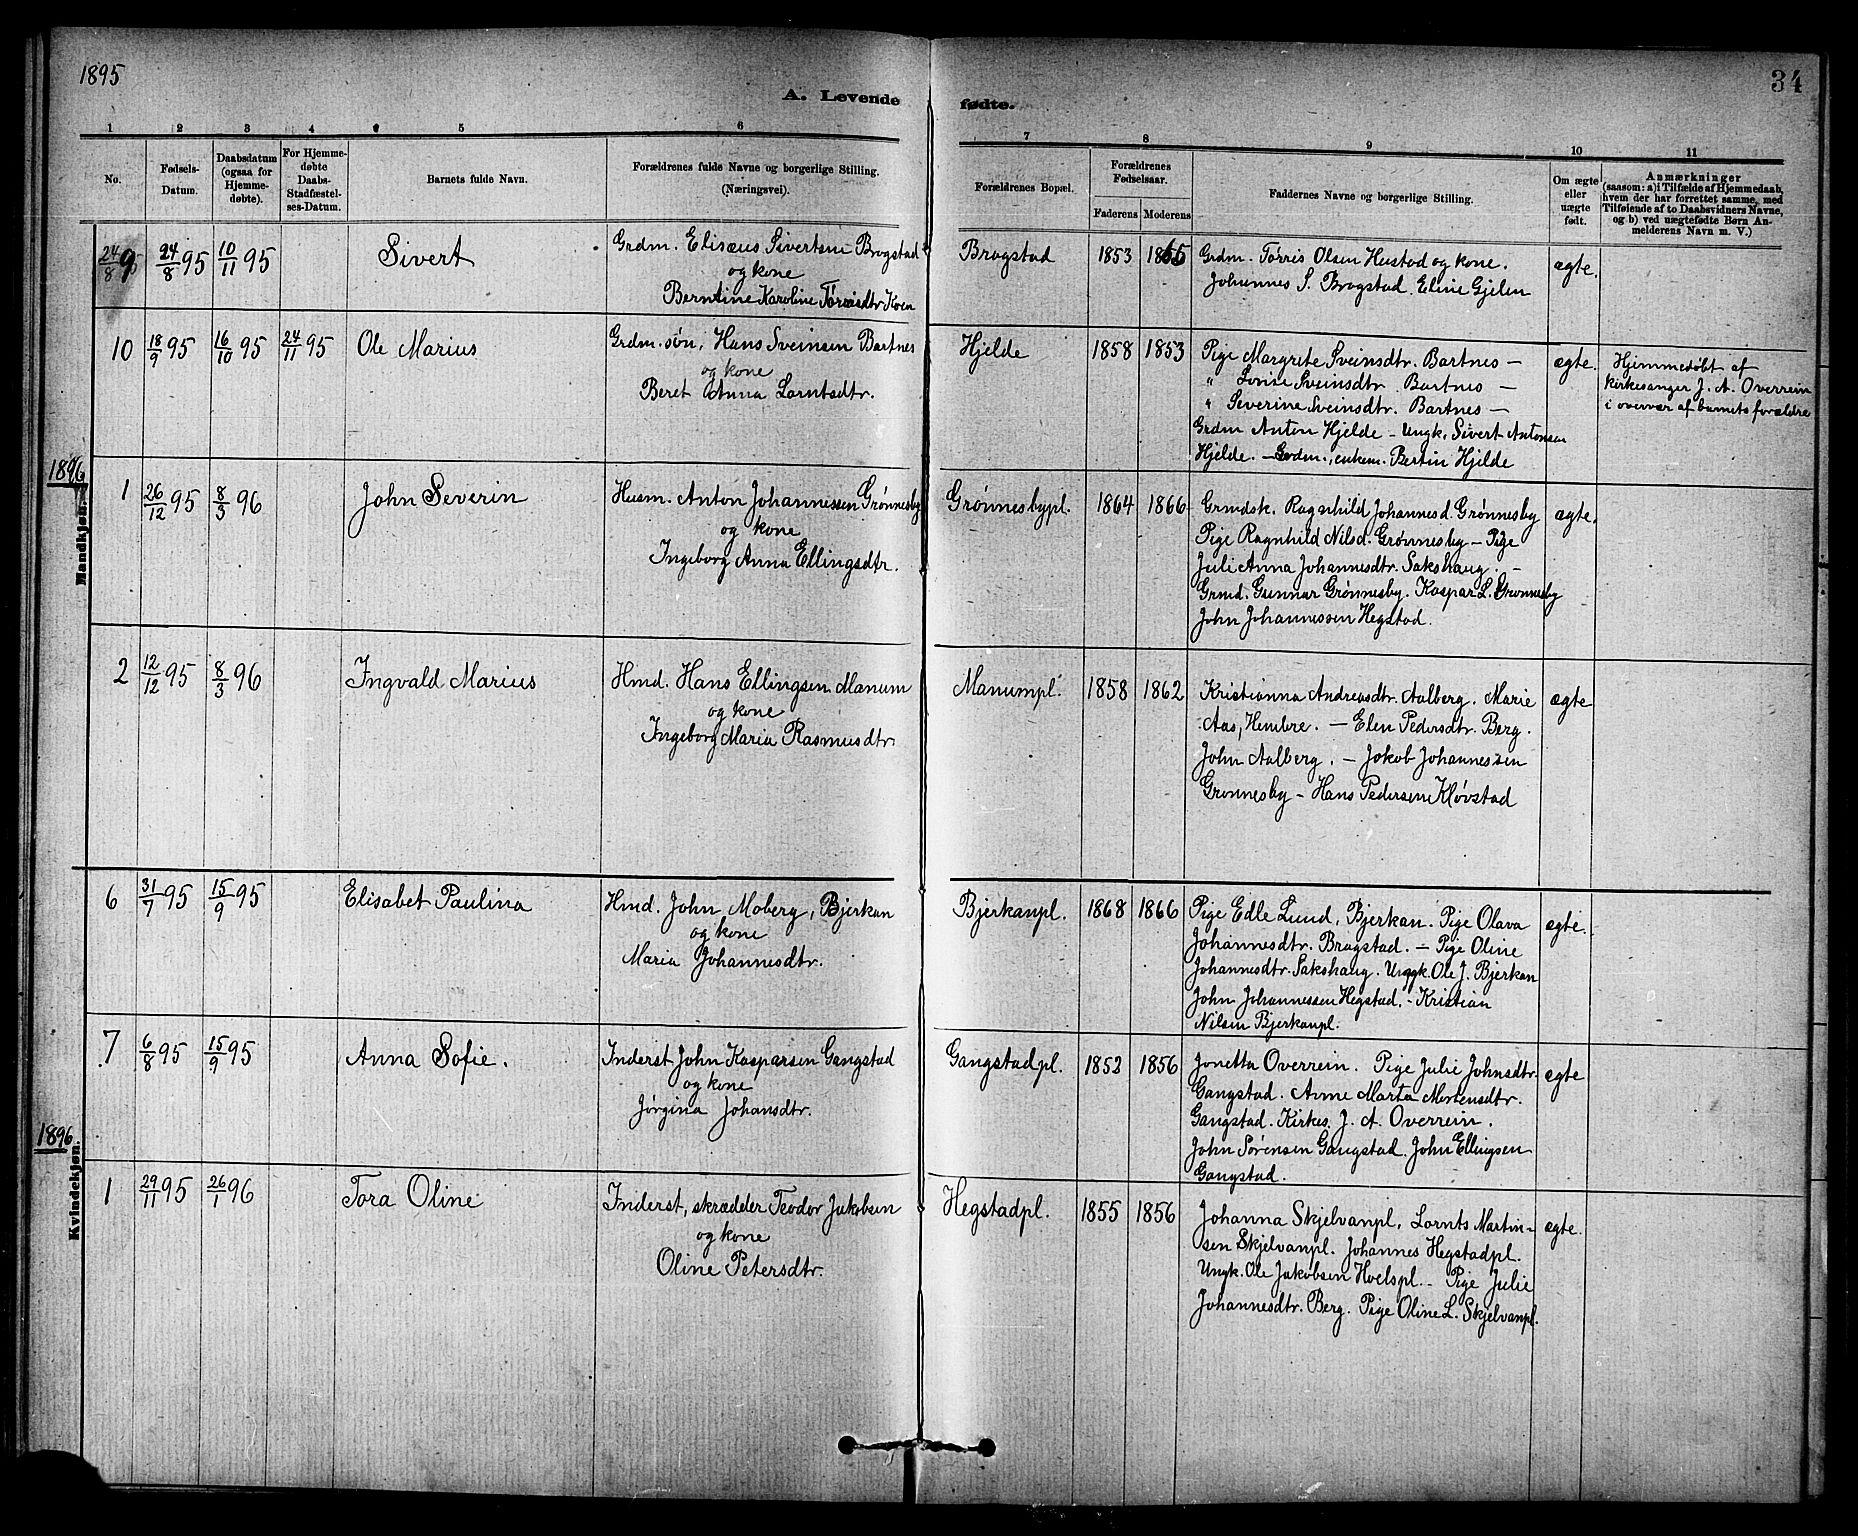 SAT, Ministerialprotokoller, klokkerbøker og fødselsregistre - Nord-Trøndelag, 732/L0318: Klokkerbok nr. 732C02, 1881-1911, s. 34